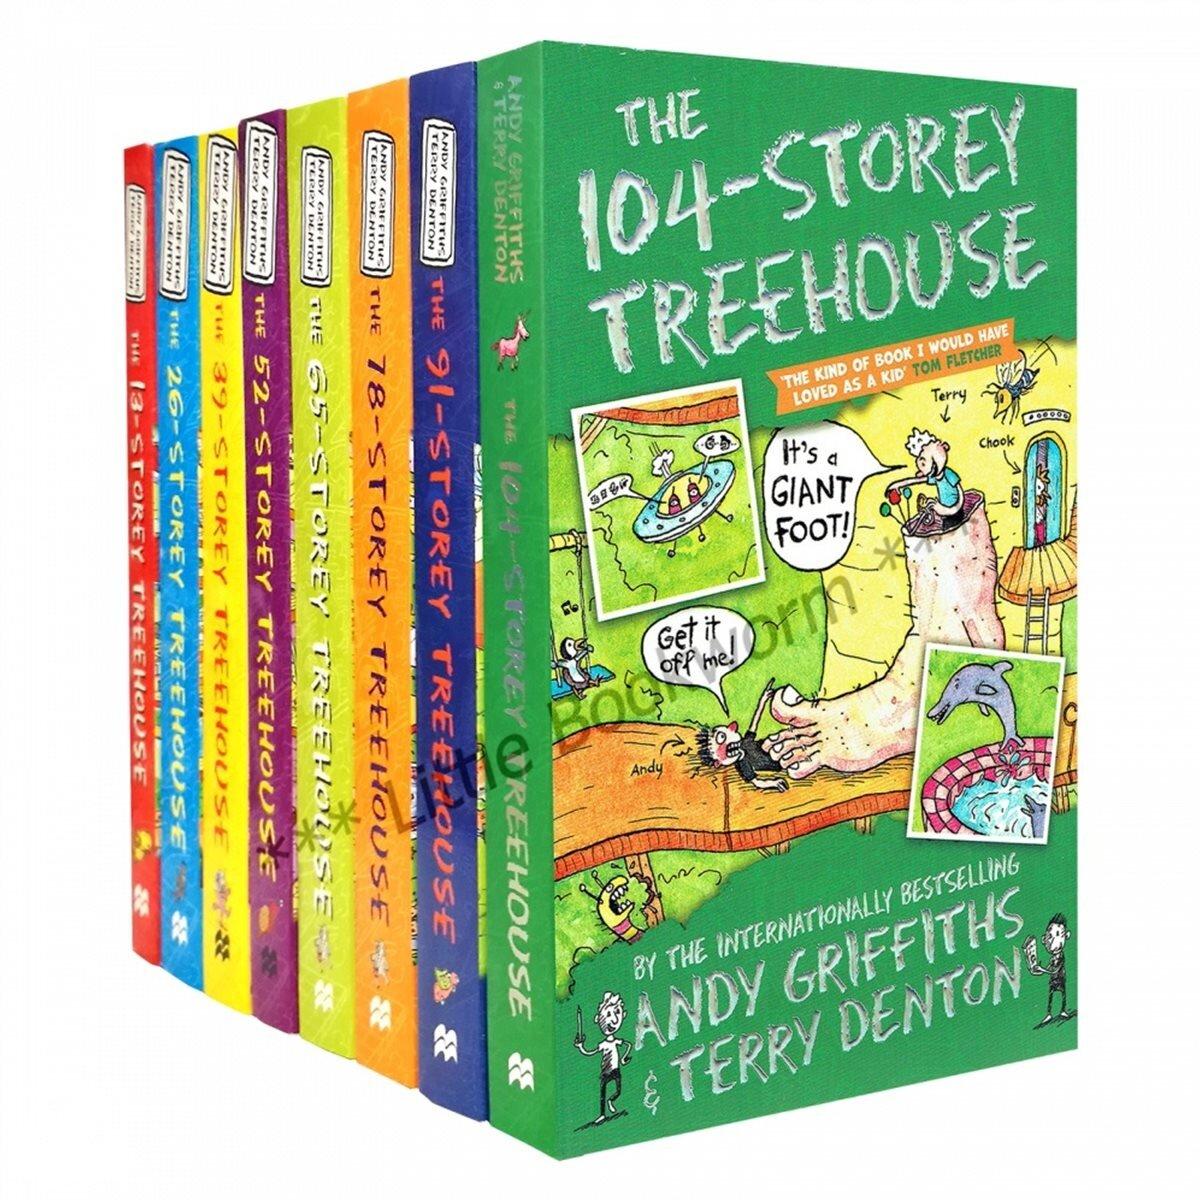 13층 나무집 시리즈 8종 세트 (Paperback 8권 + Slipcase, 영국판)